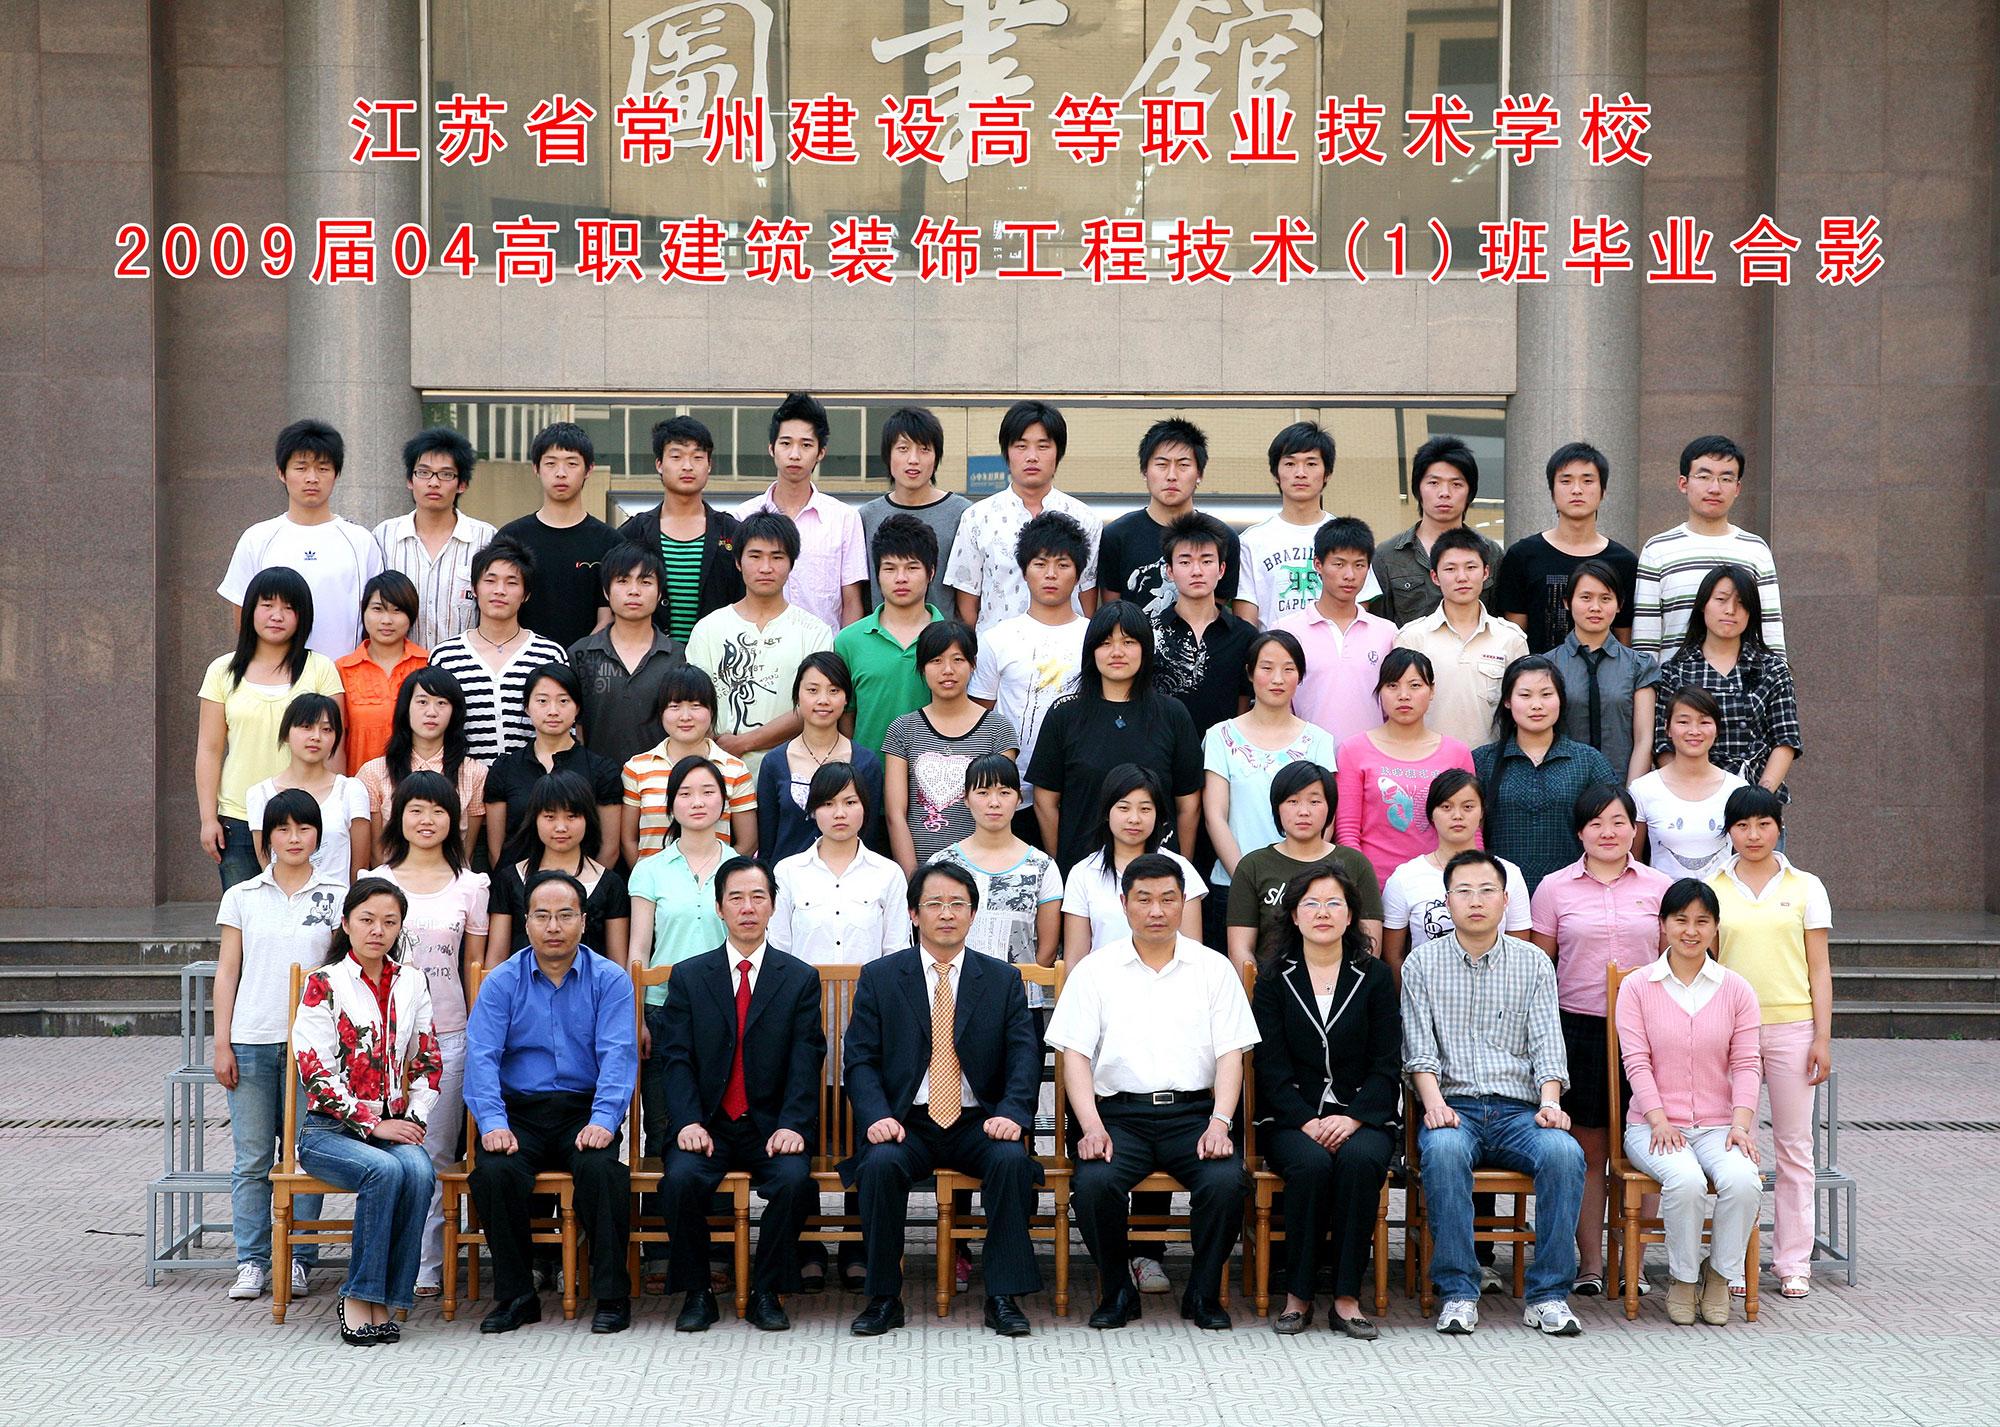 2009届04高职建筑装饰工程技术(...